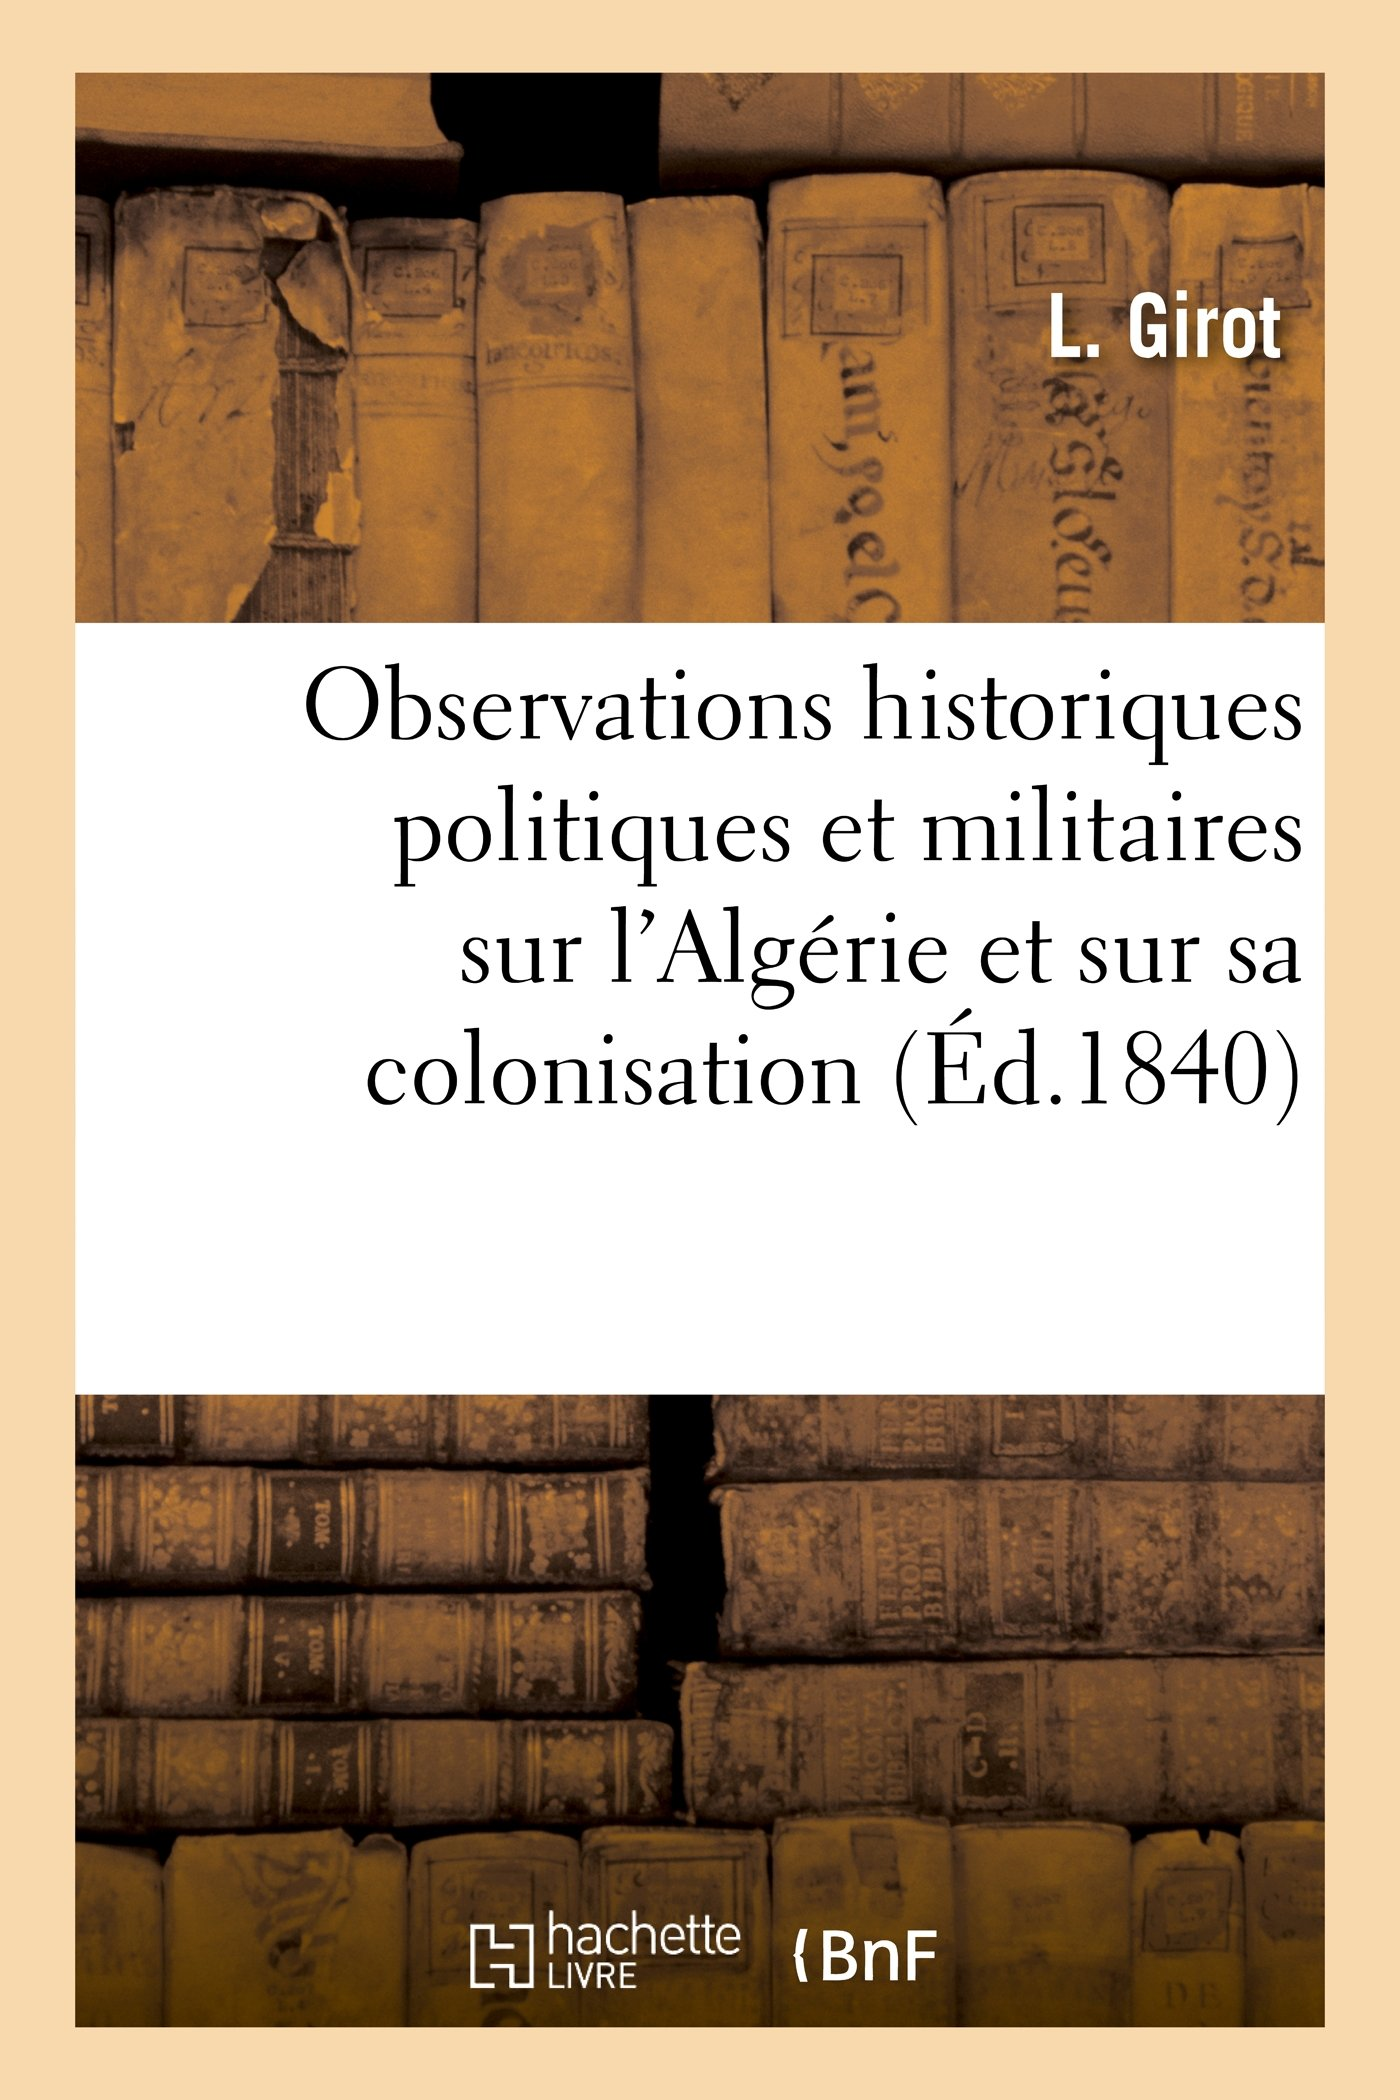 Observations Historiques Politiques Et Militaires Sur L Algerie Et Sur Sa Colonisation (Histoire) (French Edition) ebook